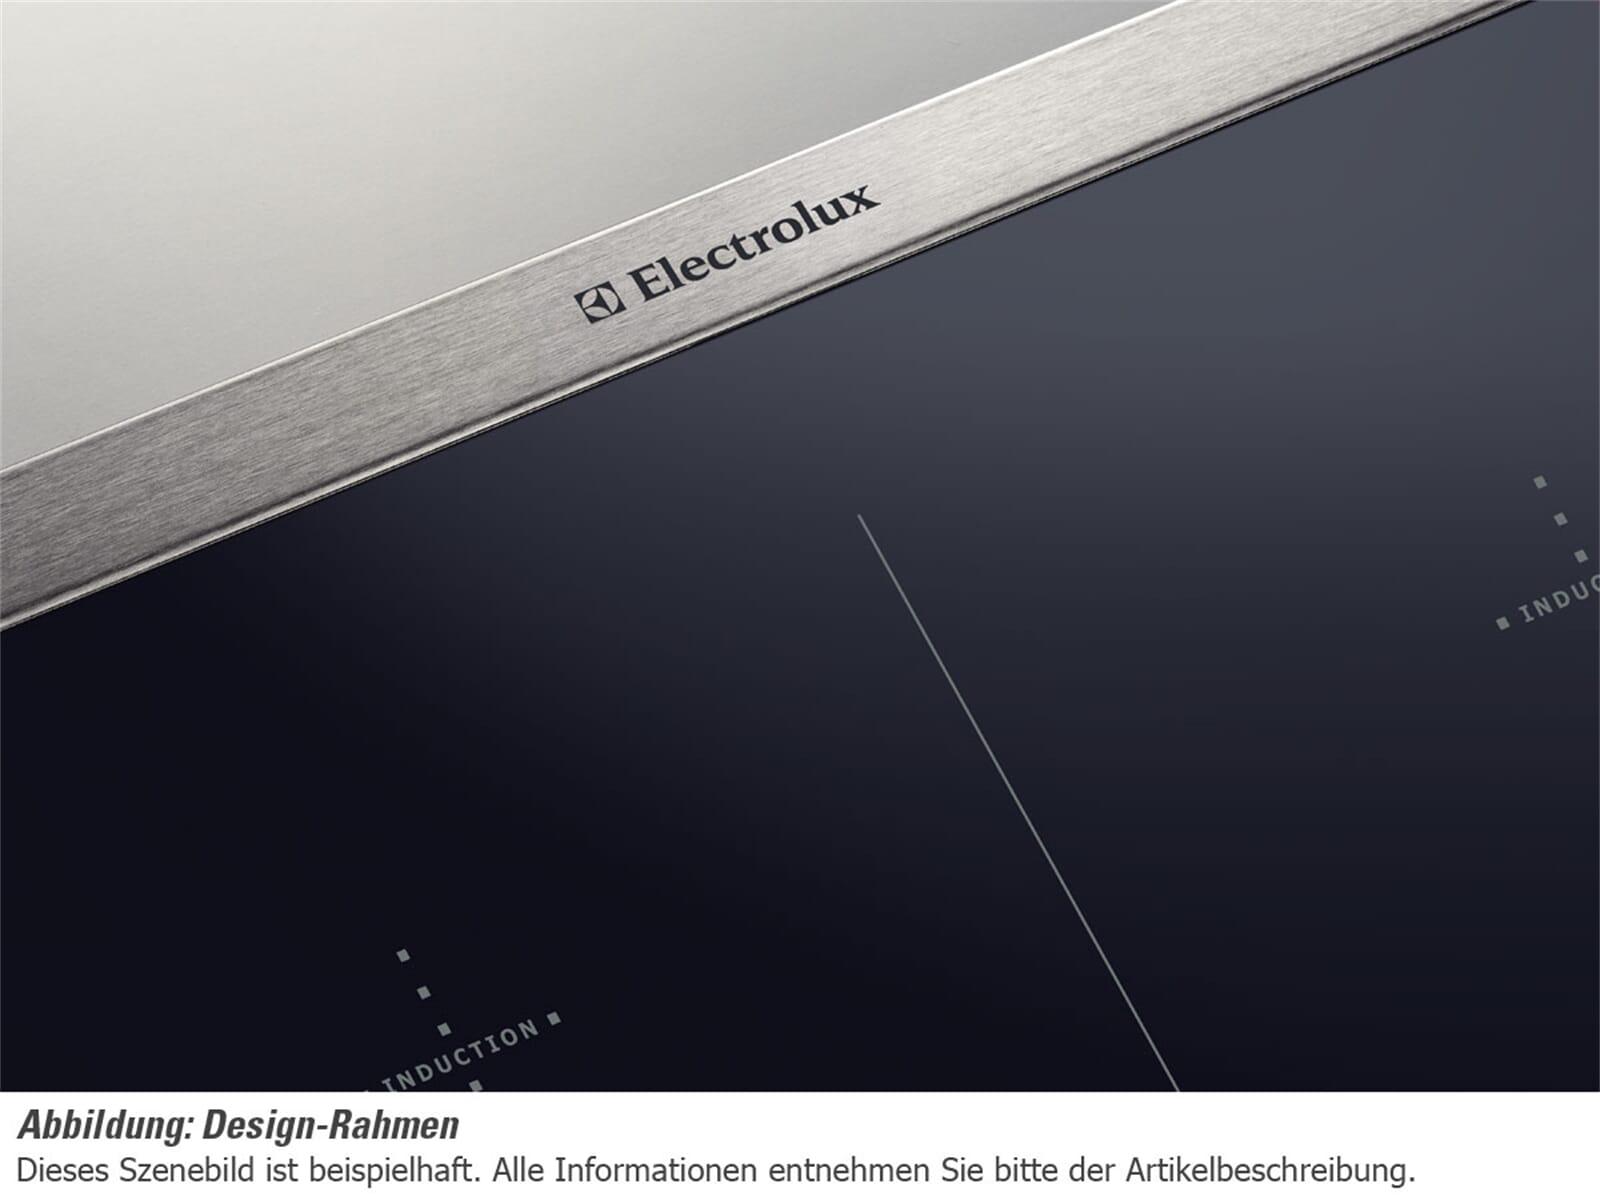 induktionskochfeld 80 cm mit rahmen k chenbauer gmbh bosch pxy801ke1e induktionskochfeld 80cm. Black Bedroom Furniture Sets. Home Design Ideas